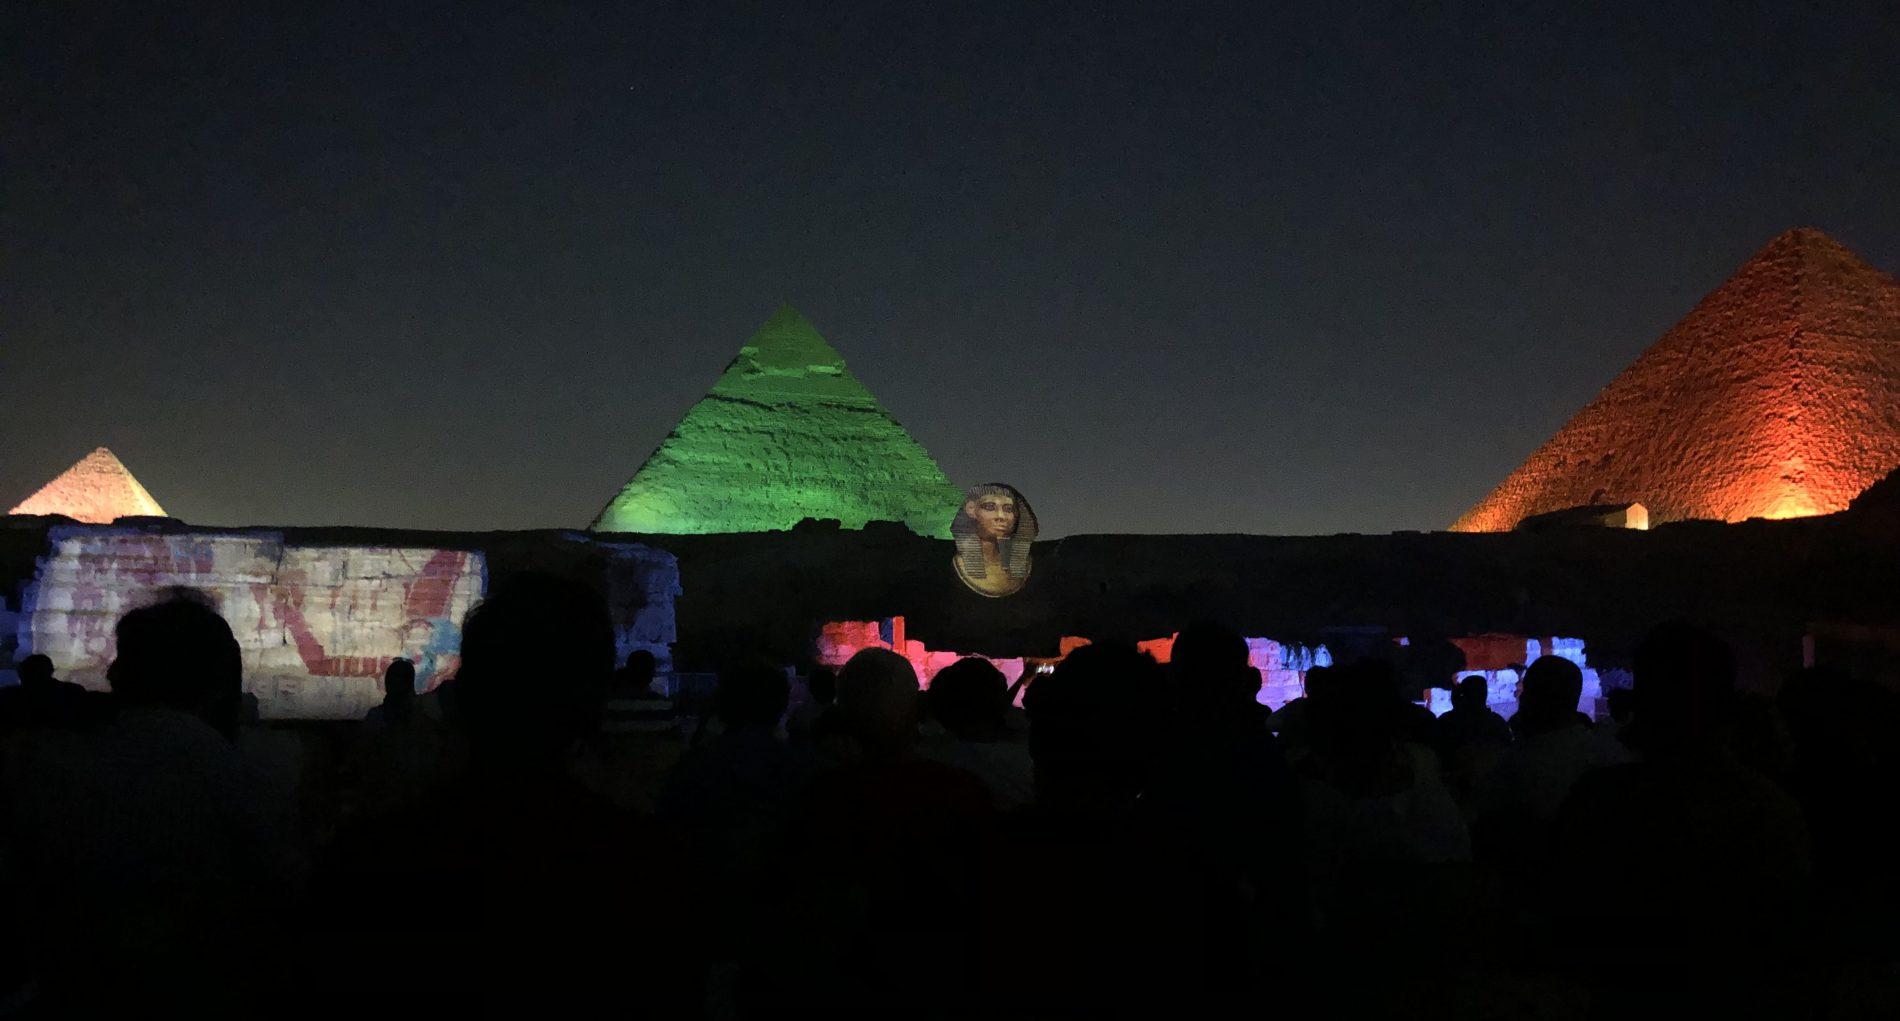 Espectáculo nocturno luces y sonido. qué ver en El Cairo